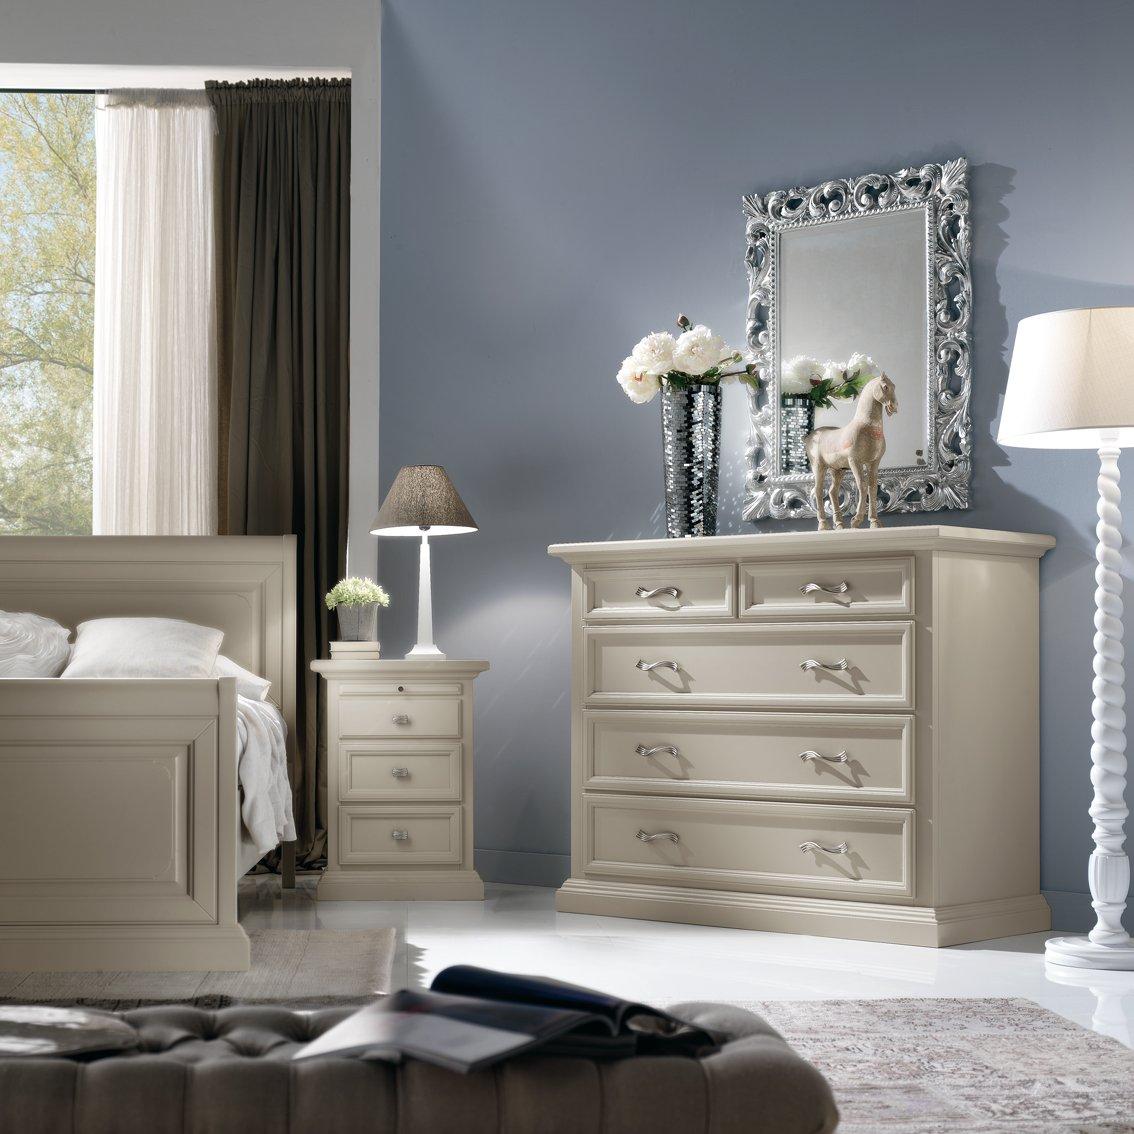 Com 5 cassetti mobili in stile linea la maison - La maison mobili ...